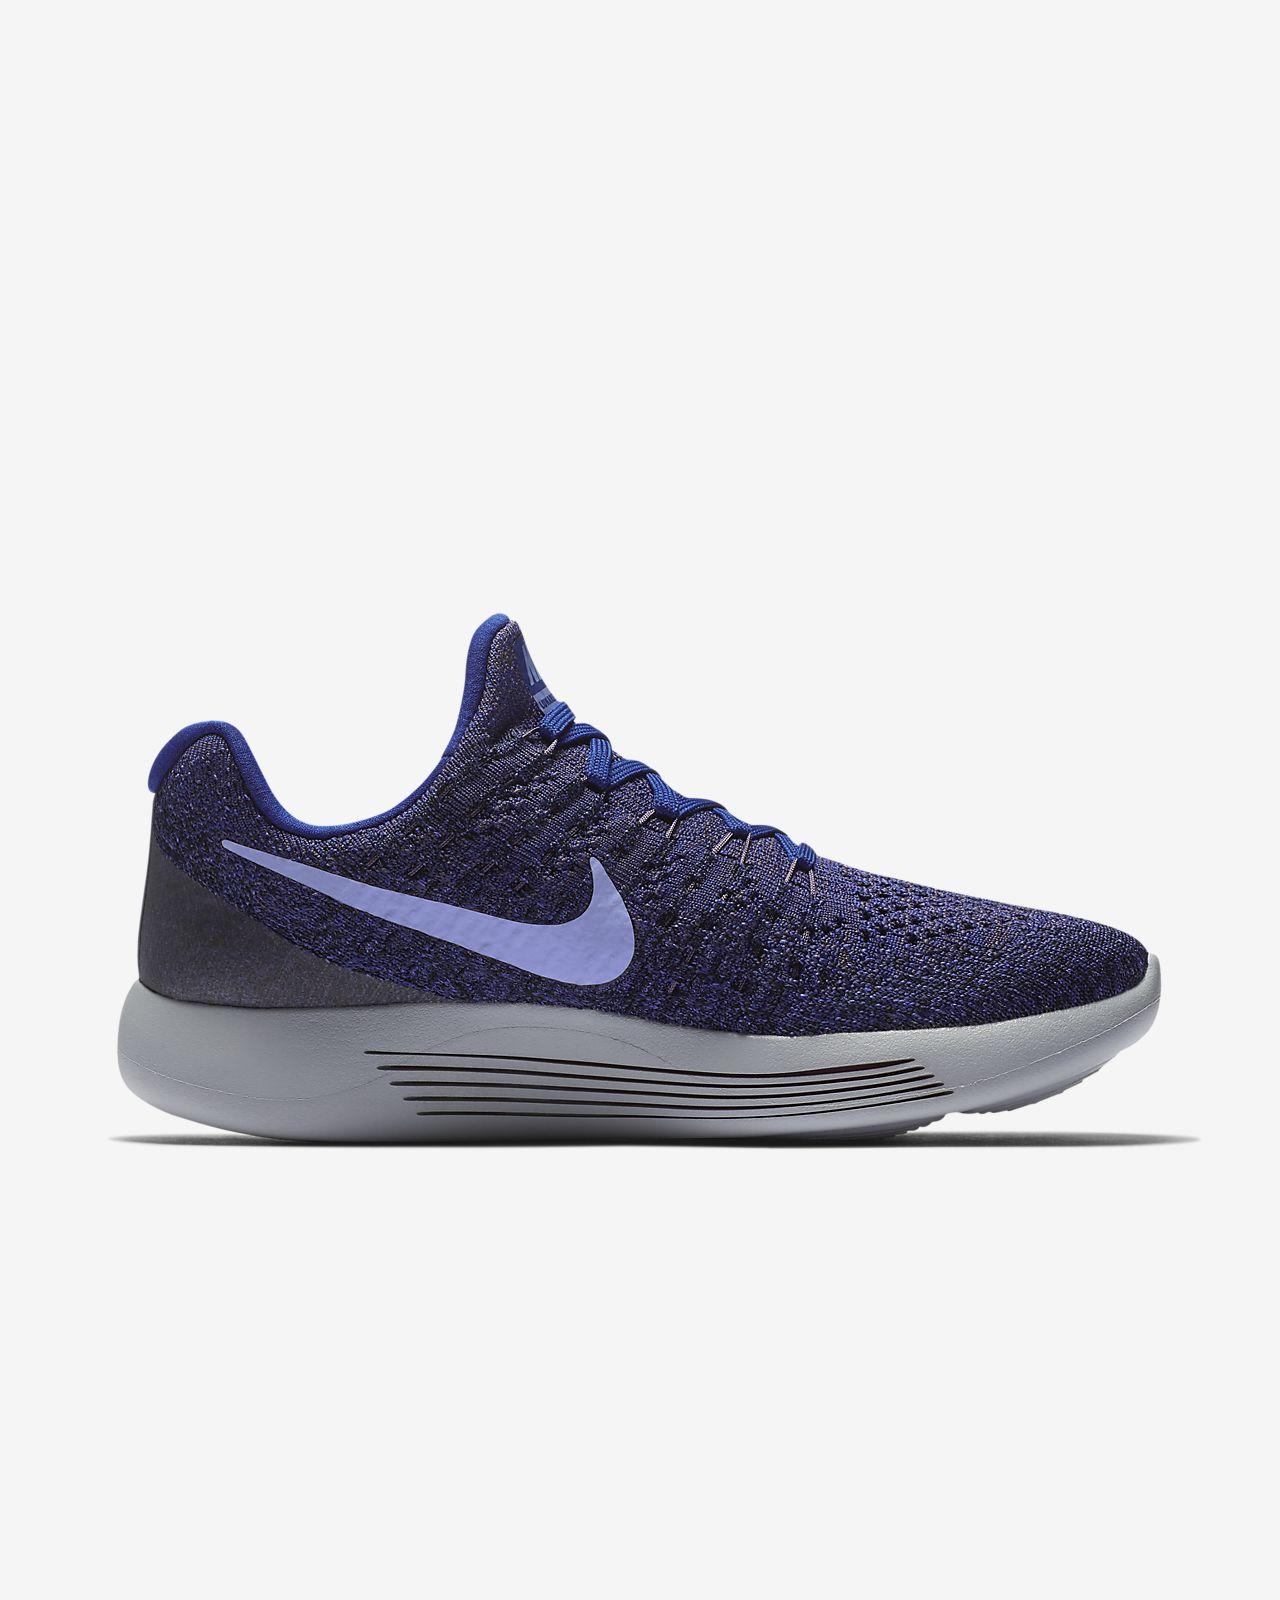 44e9b71dabbf Nike LunarEpic Low Flyknit 2 Women s Running Shoe. Nike.com ID